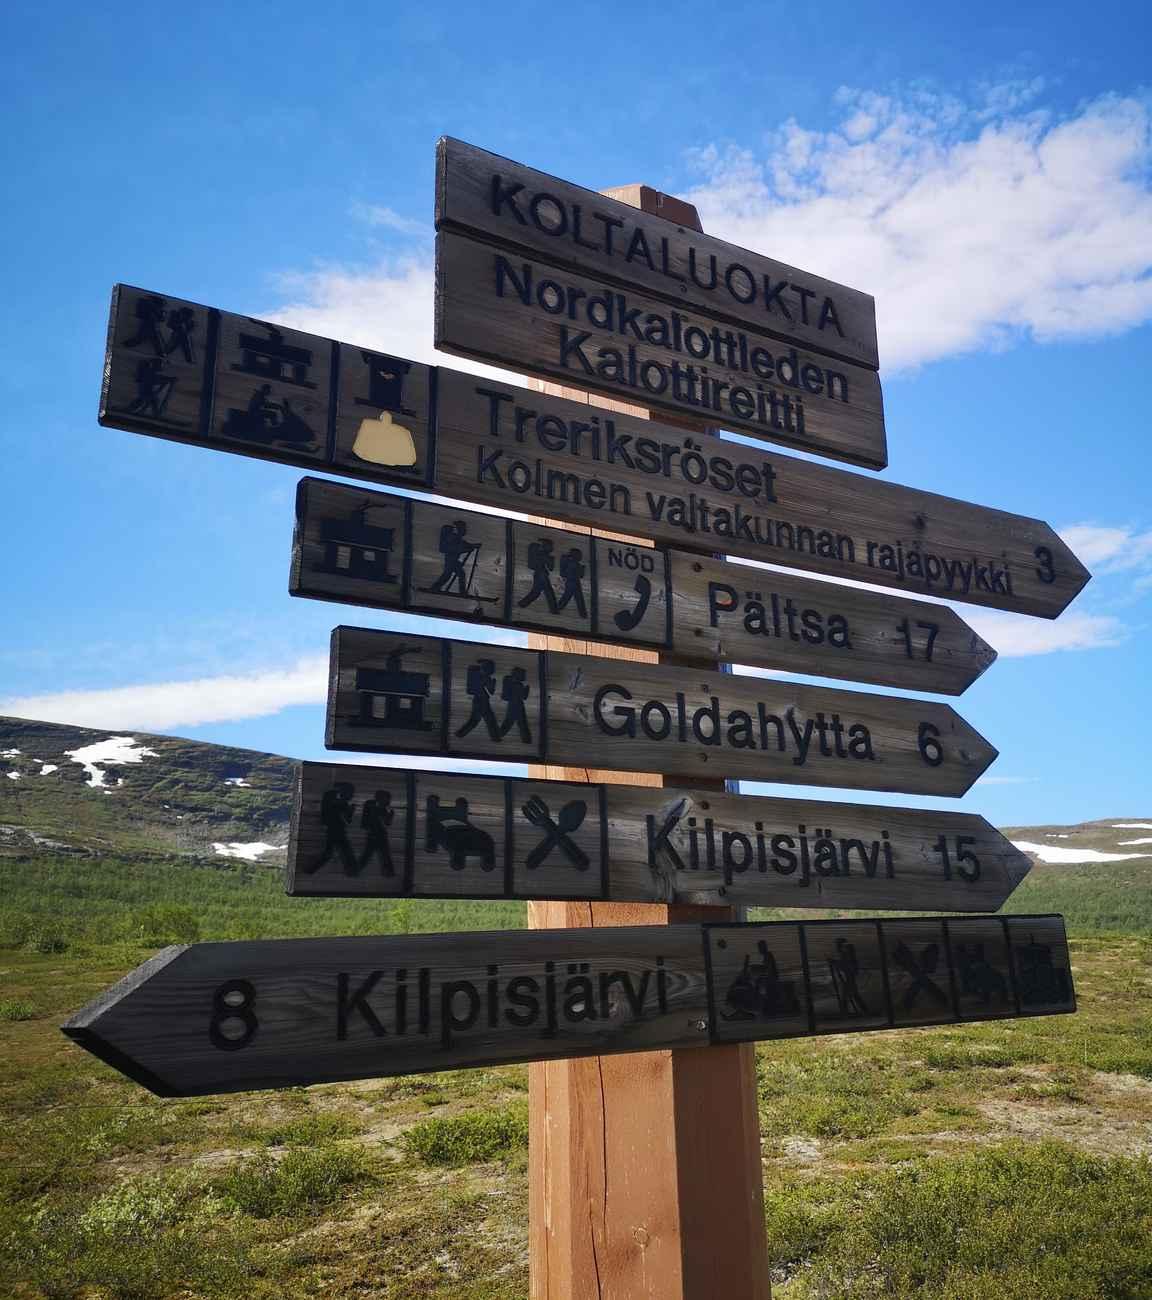 Patikoiden Kilpisjärvelle Koltalahdesta on 15 kilometriä, hiihtäen puolta vähemmän.